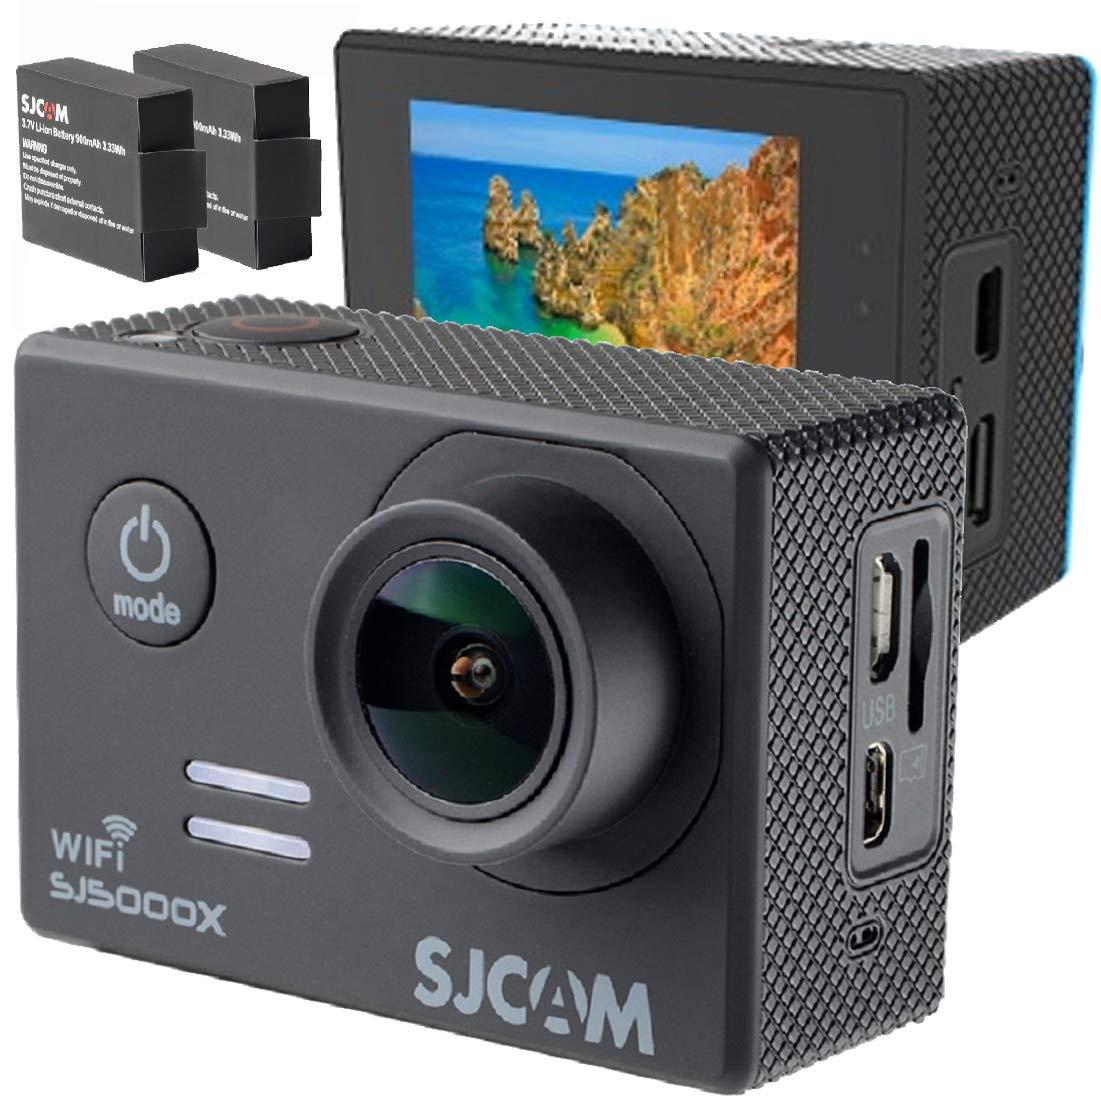 アクションカメラ 4K SONY製センサー 手振れ補正 追加バッテリー 日本語 ガイド SJ5000X 4K動画 超小型 大画面 2インチ ウェアラブルカメラアクションカム スポーツカメラ(ブラック) B07GW6DCFR  ブラック SJ5000X 4K WIFI